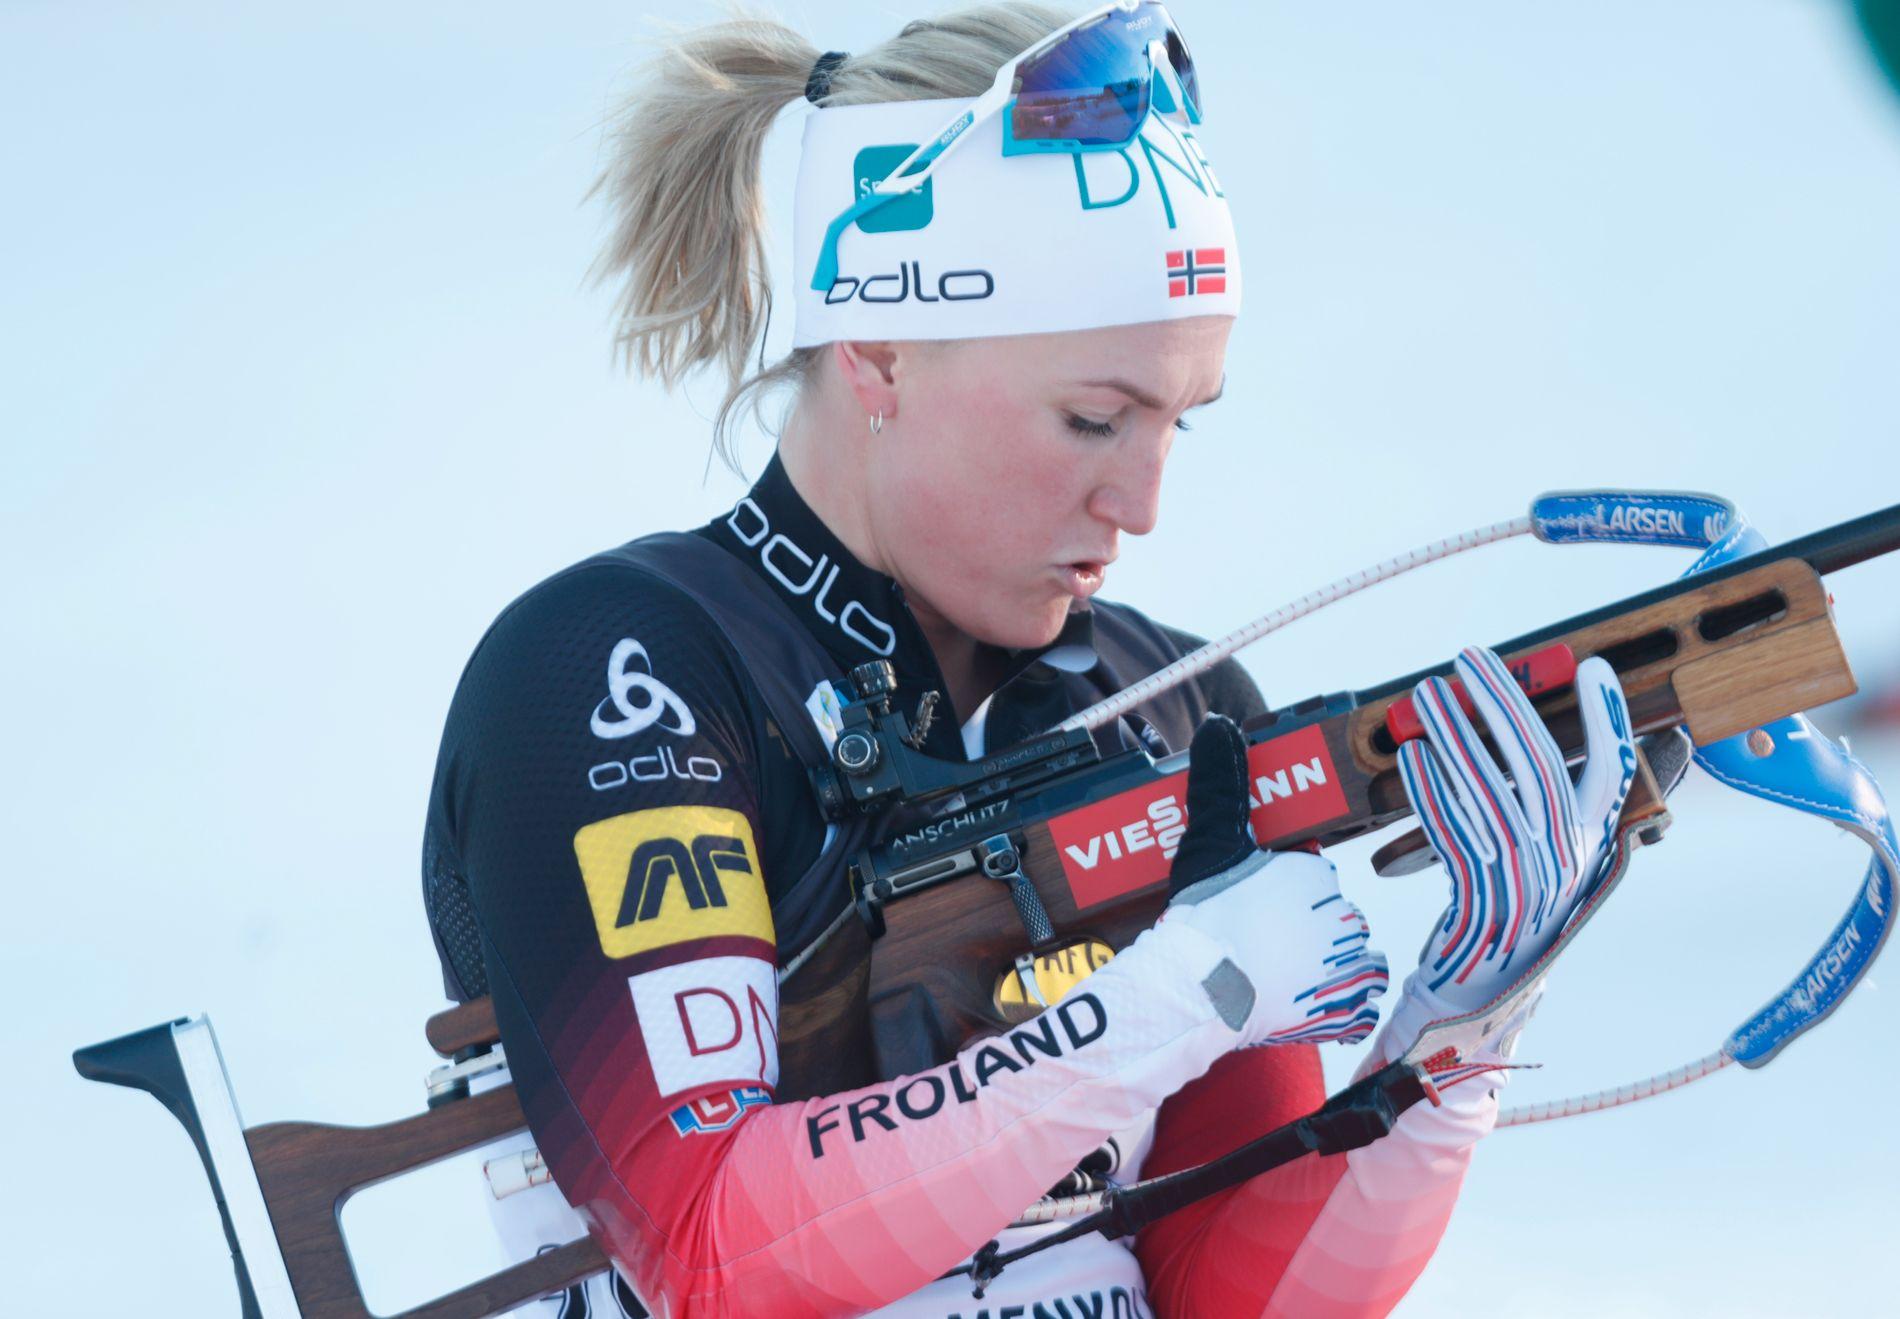 Det  har ikke gått helt veien for Marte Olsbu Røiseland på tampen av sesongen. Men hun vil ikke være historieløs og påpeker at hun har vunnet tre verdenscuprenn og er på tredjeplass i verdenscupen sammenlagt.